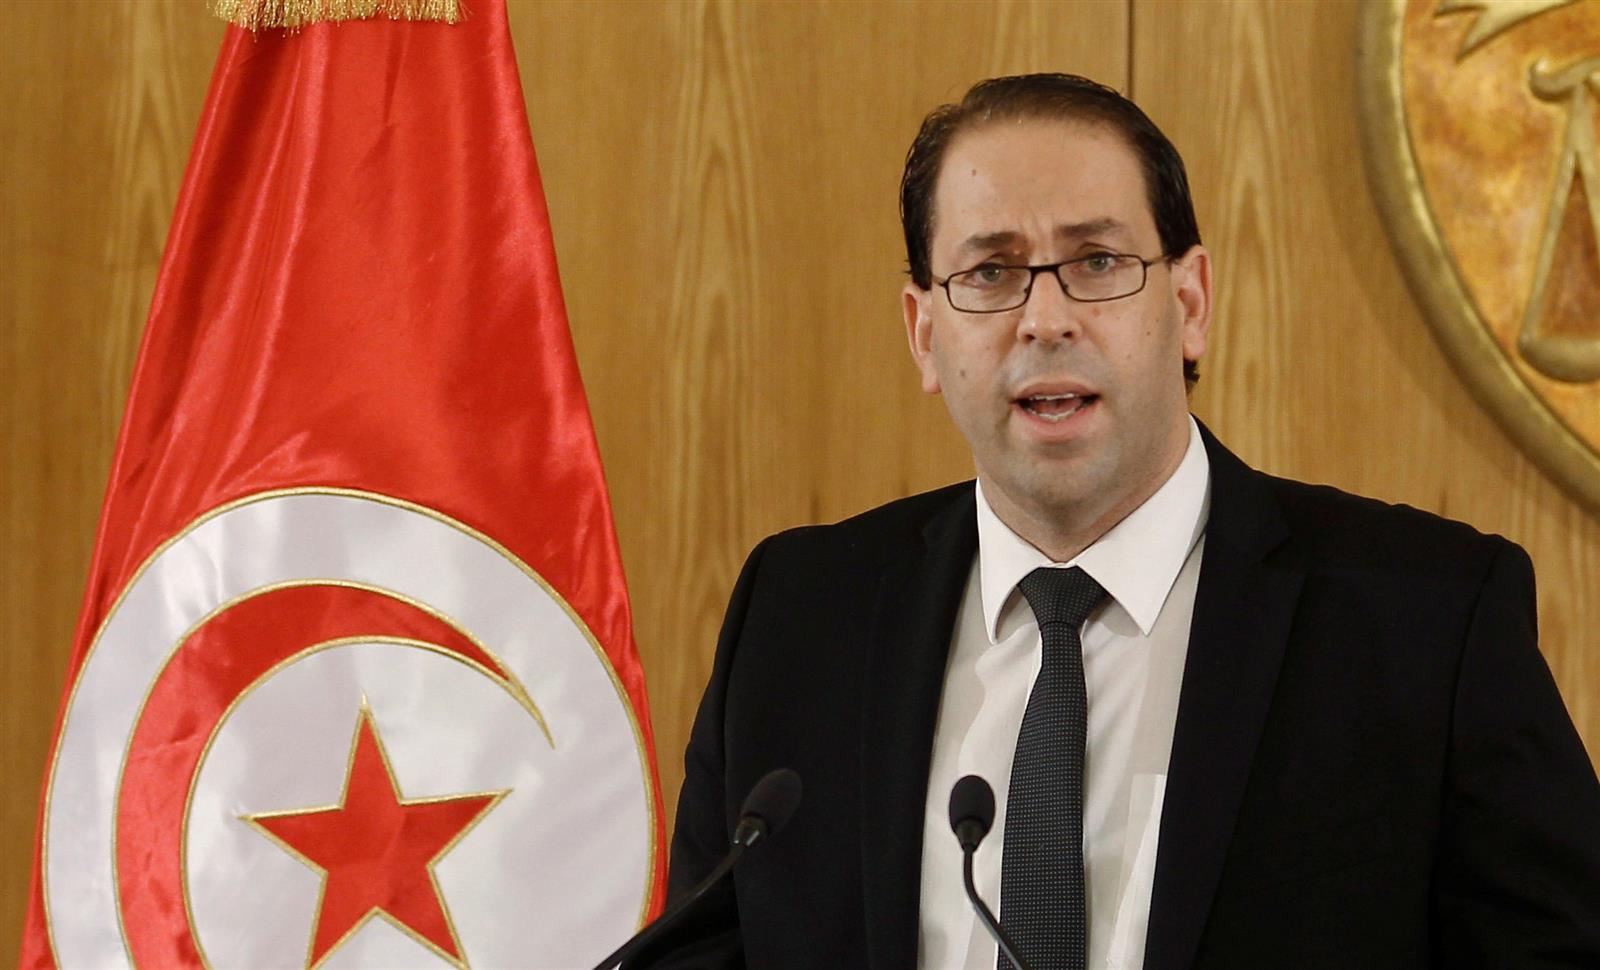 الشاهد يفوض صلاحياته لوزير ويتفرغ لانتخابات الرئاسة التونسية